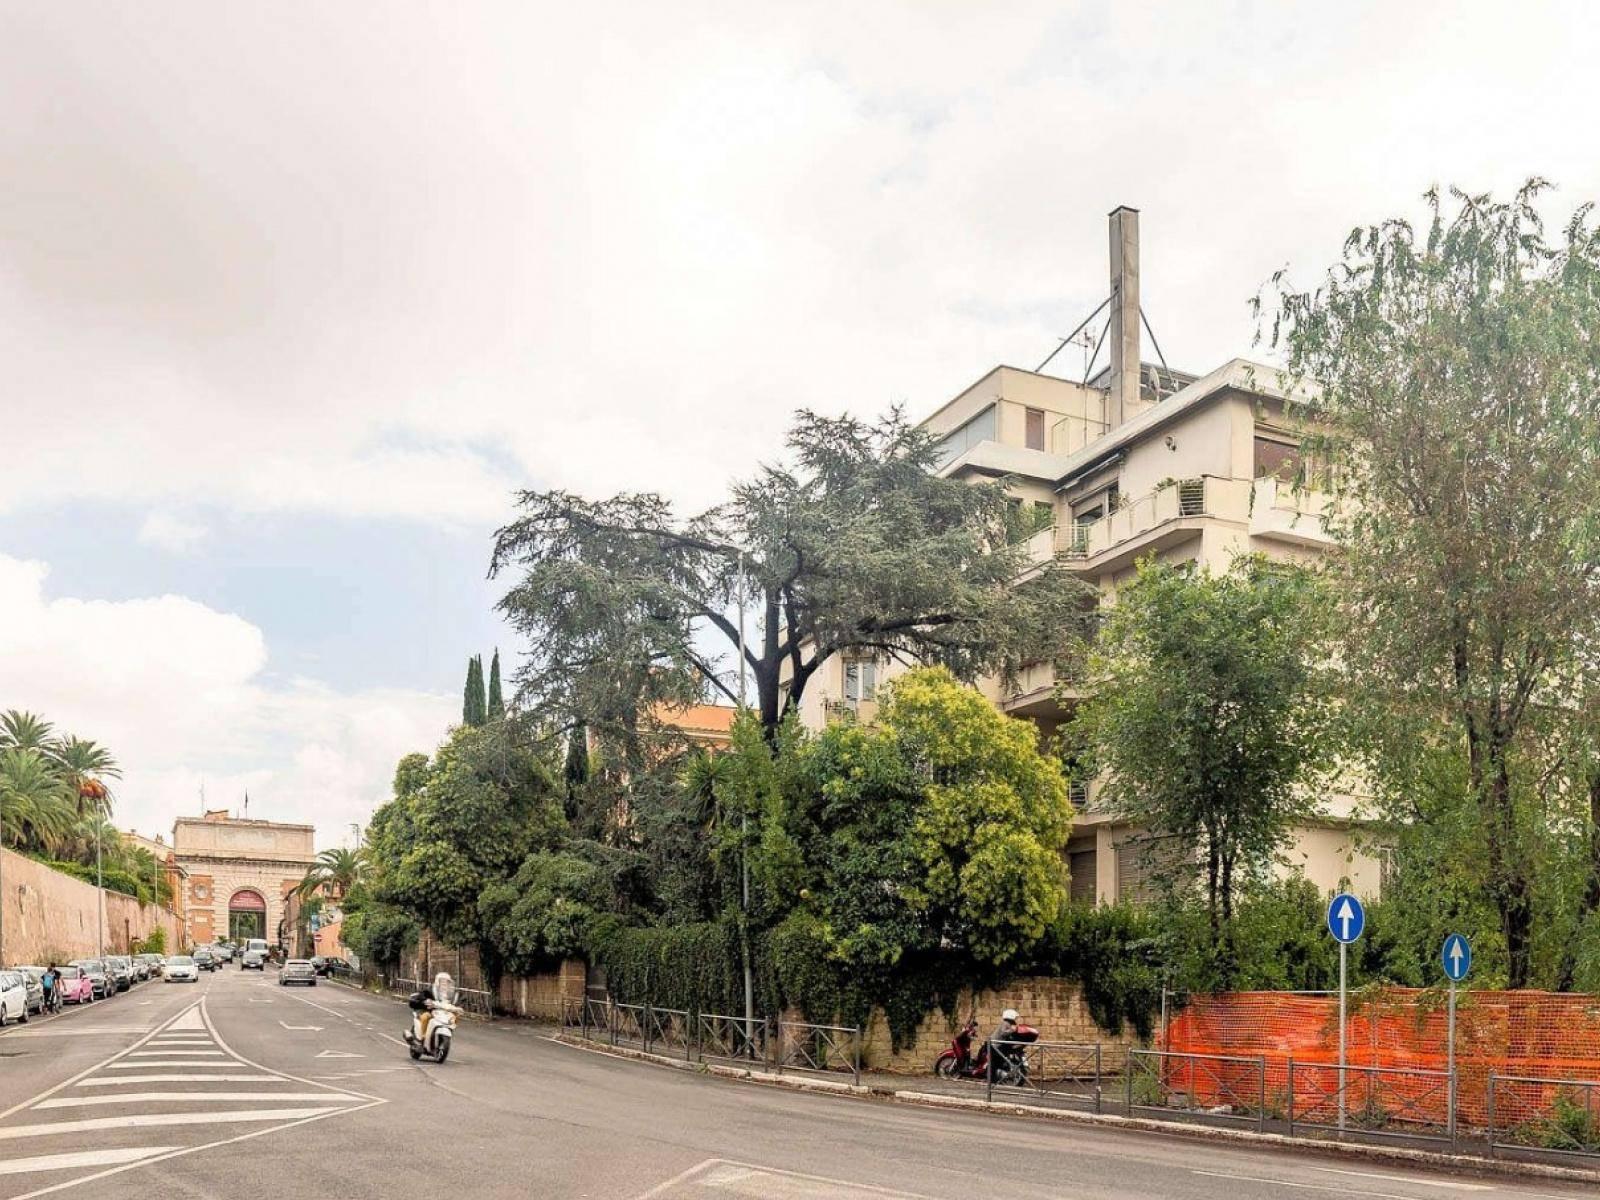 1118417666 Plurilocale (7) in Via Di San Pancrazio, Roma, Zona Monteverde